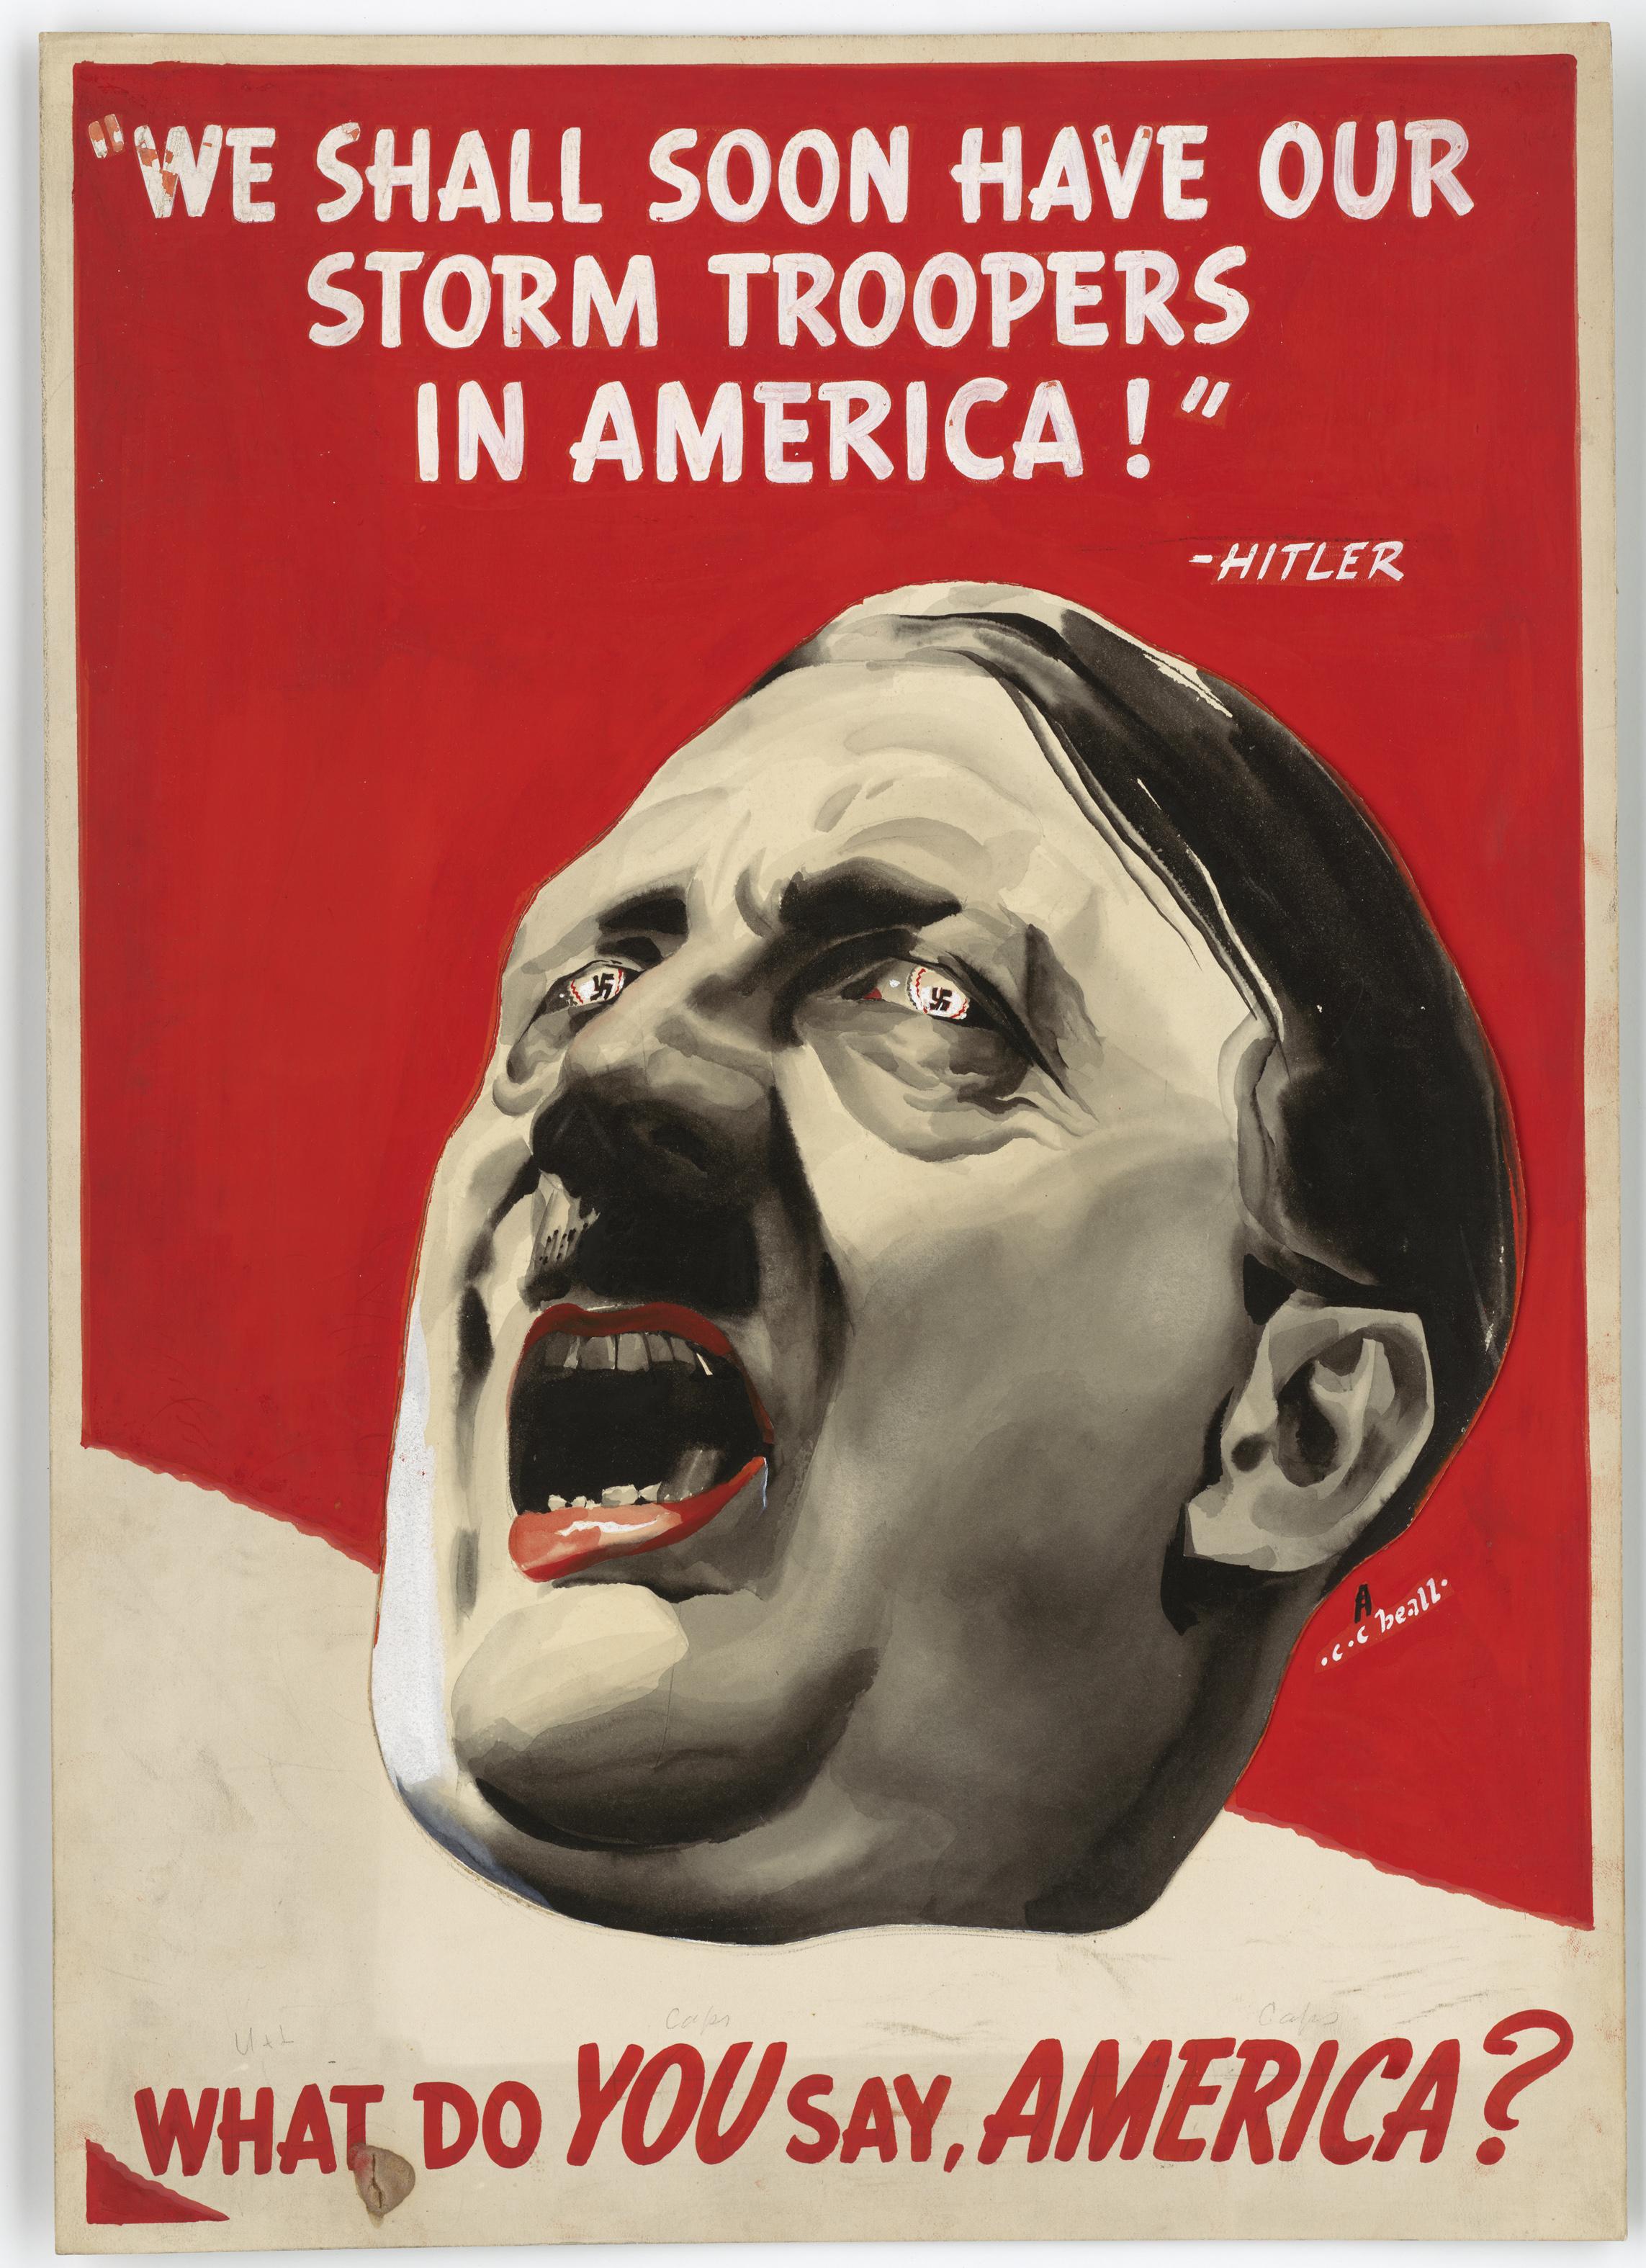 Chociaż podejrzewa się, że Hitler dysponował bronią atomową, pewne jest, że uranowy program III Rzeszy nie przyniósł takich efektów jak amerykański projekt Manhattan. Na ilustracji fragment antynazistowskiego plakatu z czasu wojny.